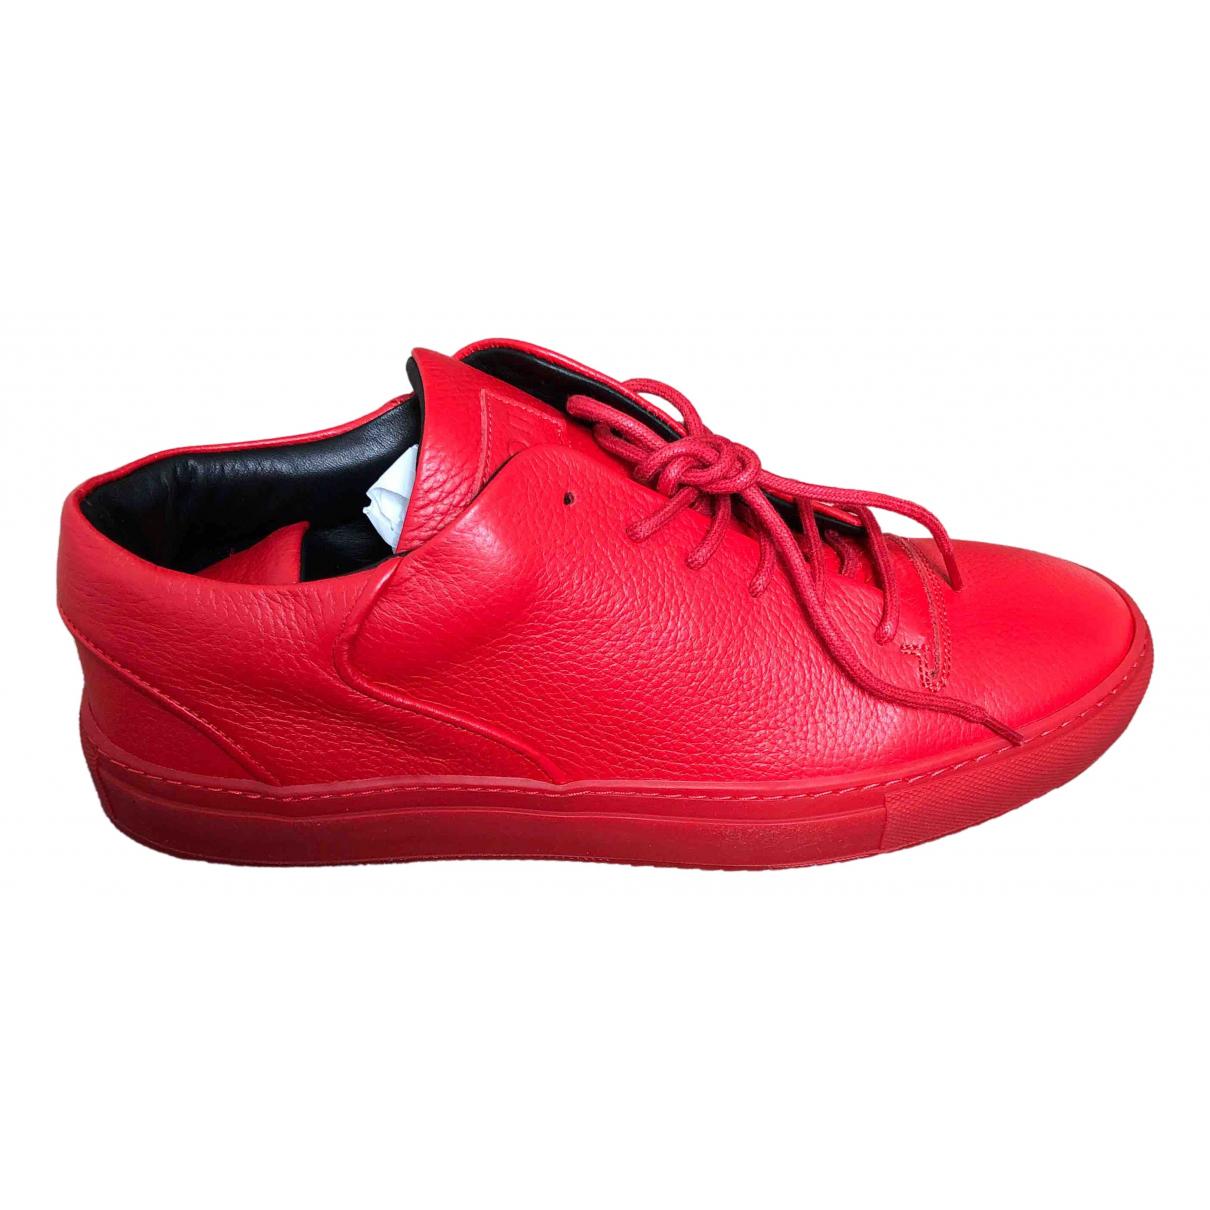 Mason Garments - Baskets   pour homme en cuir - rouge